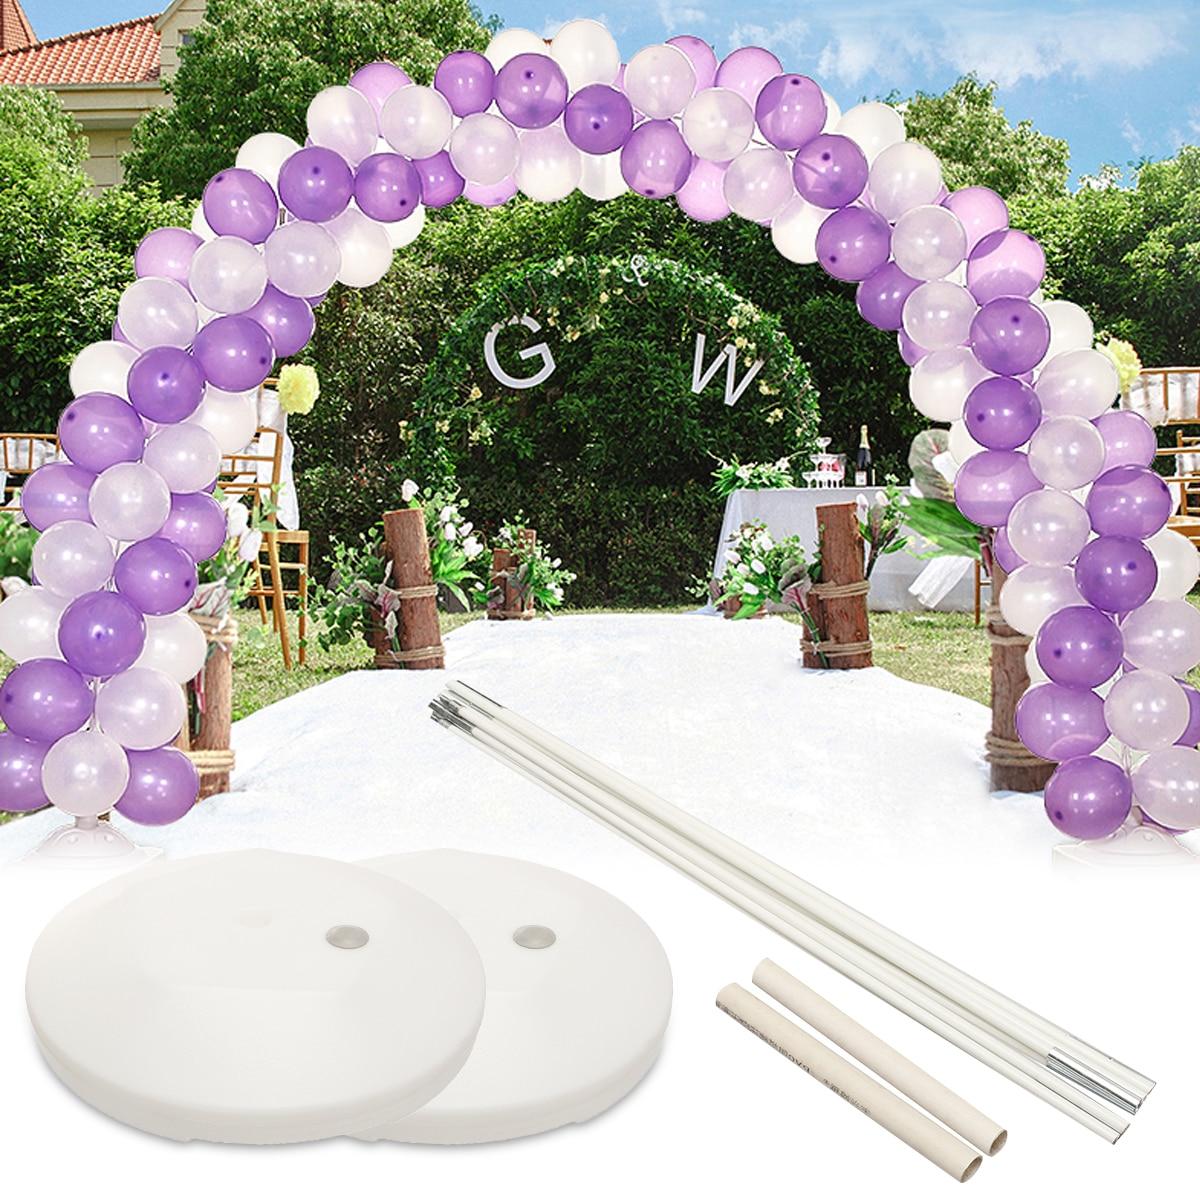 1 ensemble bricolage bricolage ballon arche cadre colonne Base d'eau support Kit mariage fête d'anniversaire décor